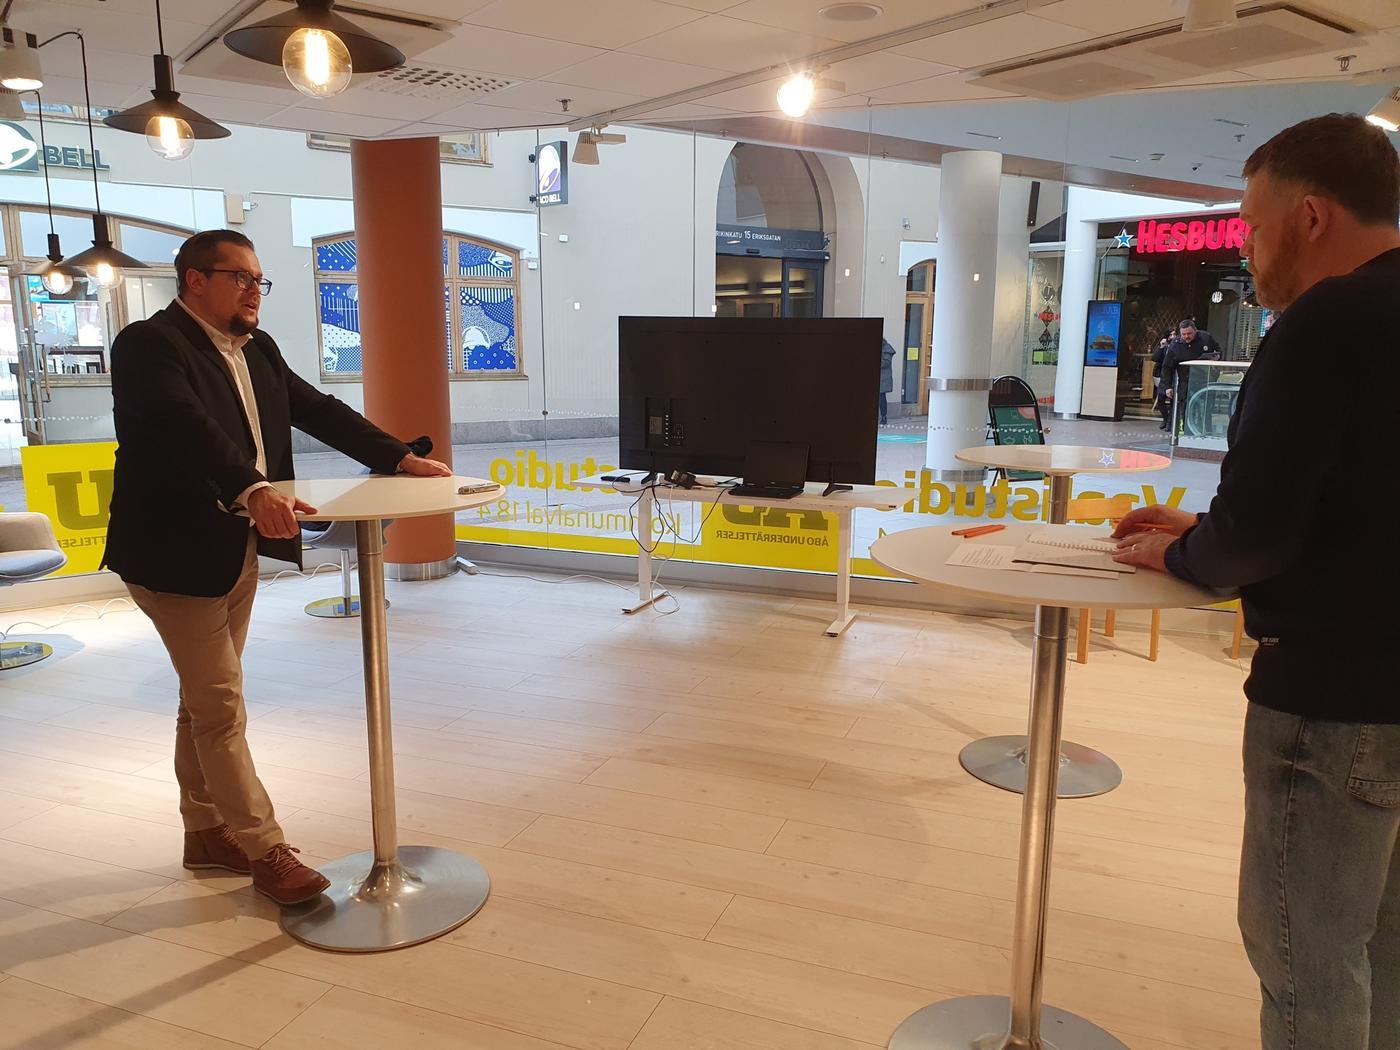 två män står och samtalar med ett par cafébord emellan sig